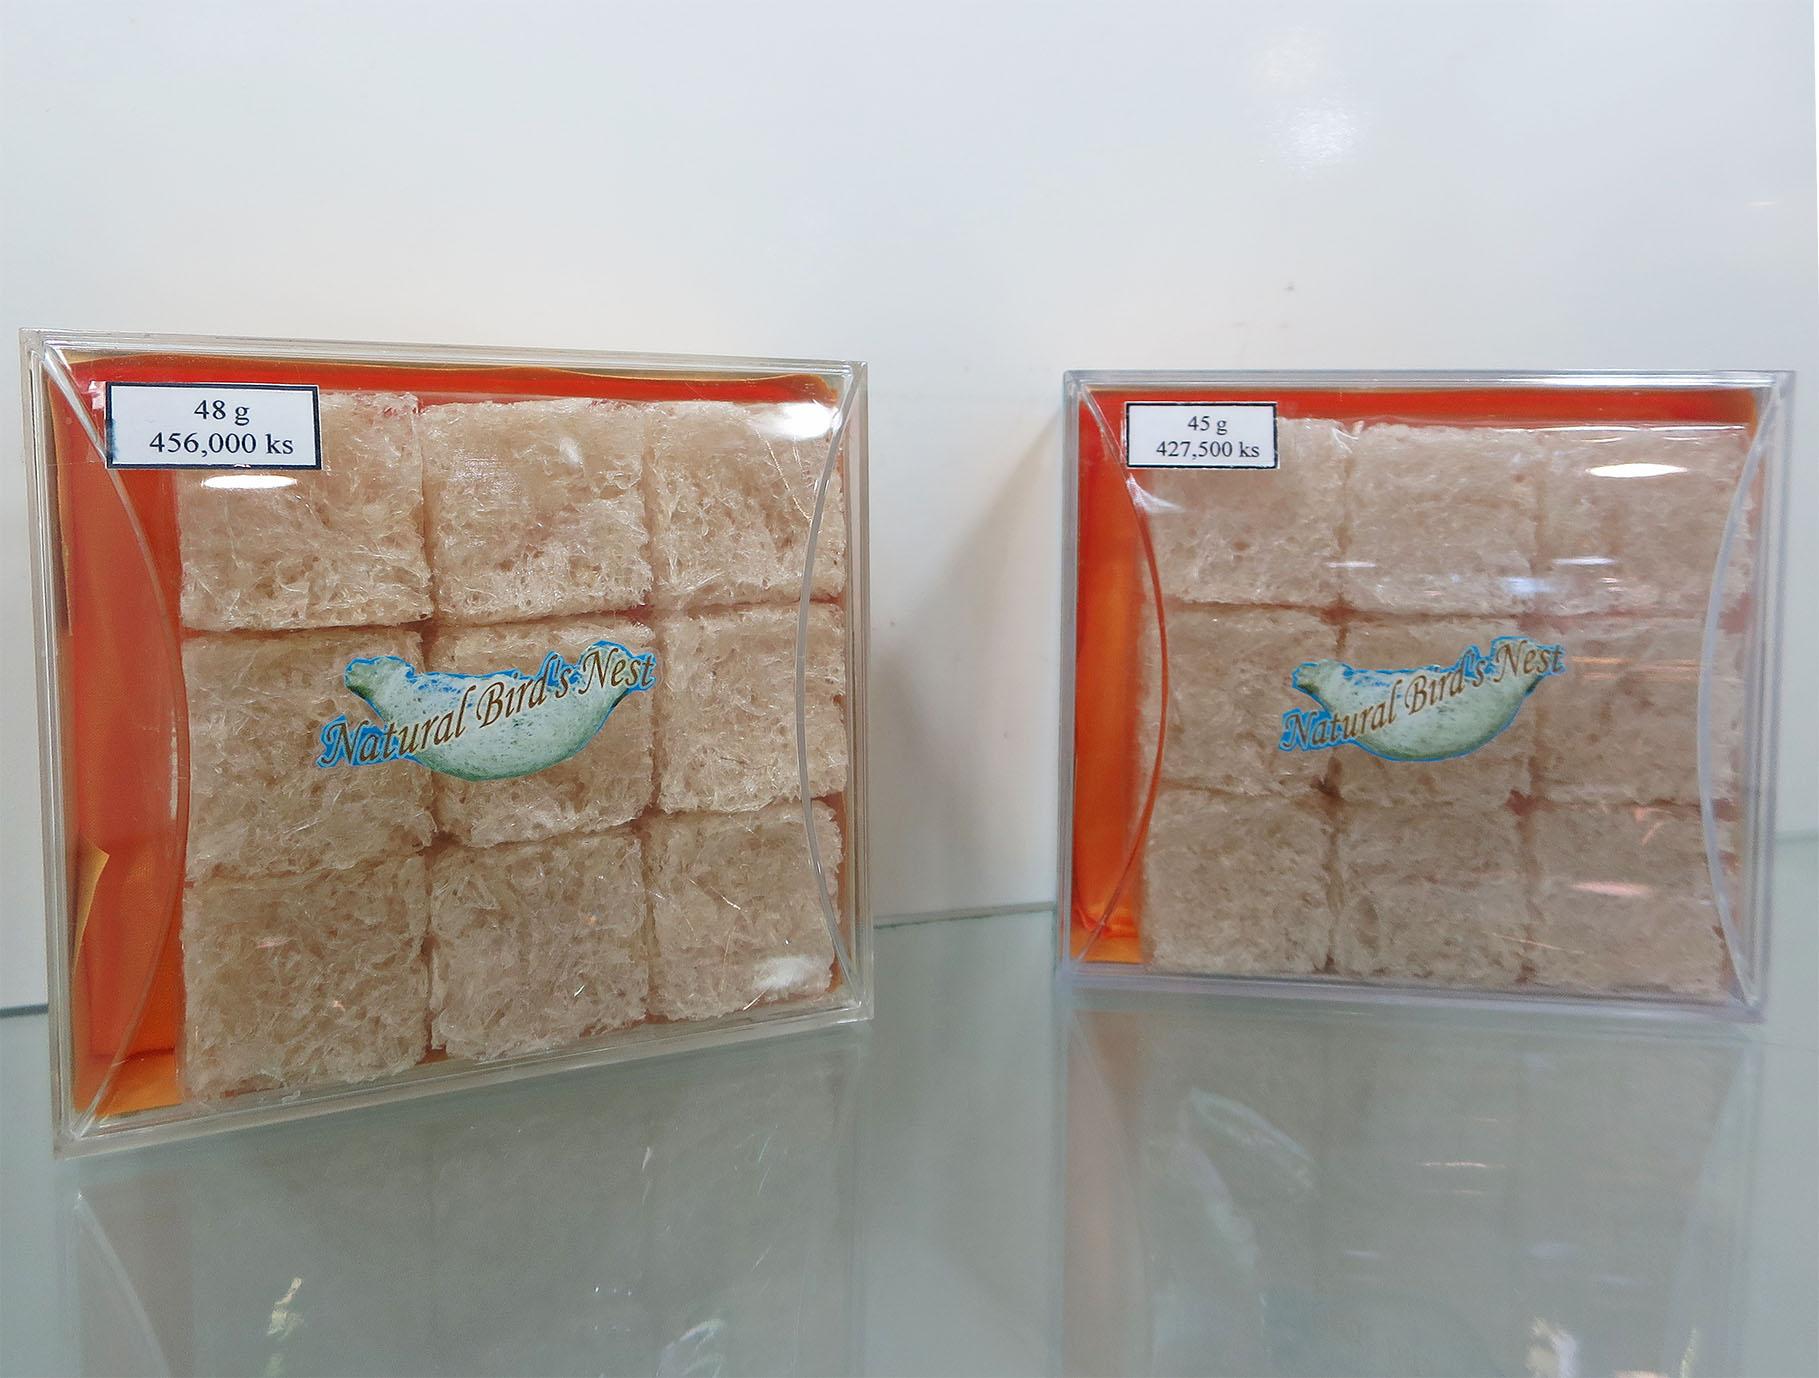 ヤンゴンのショッピングセンターで売られている燕の巣。42万7500チャット(約3万5000円)/45g